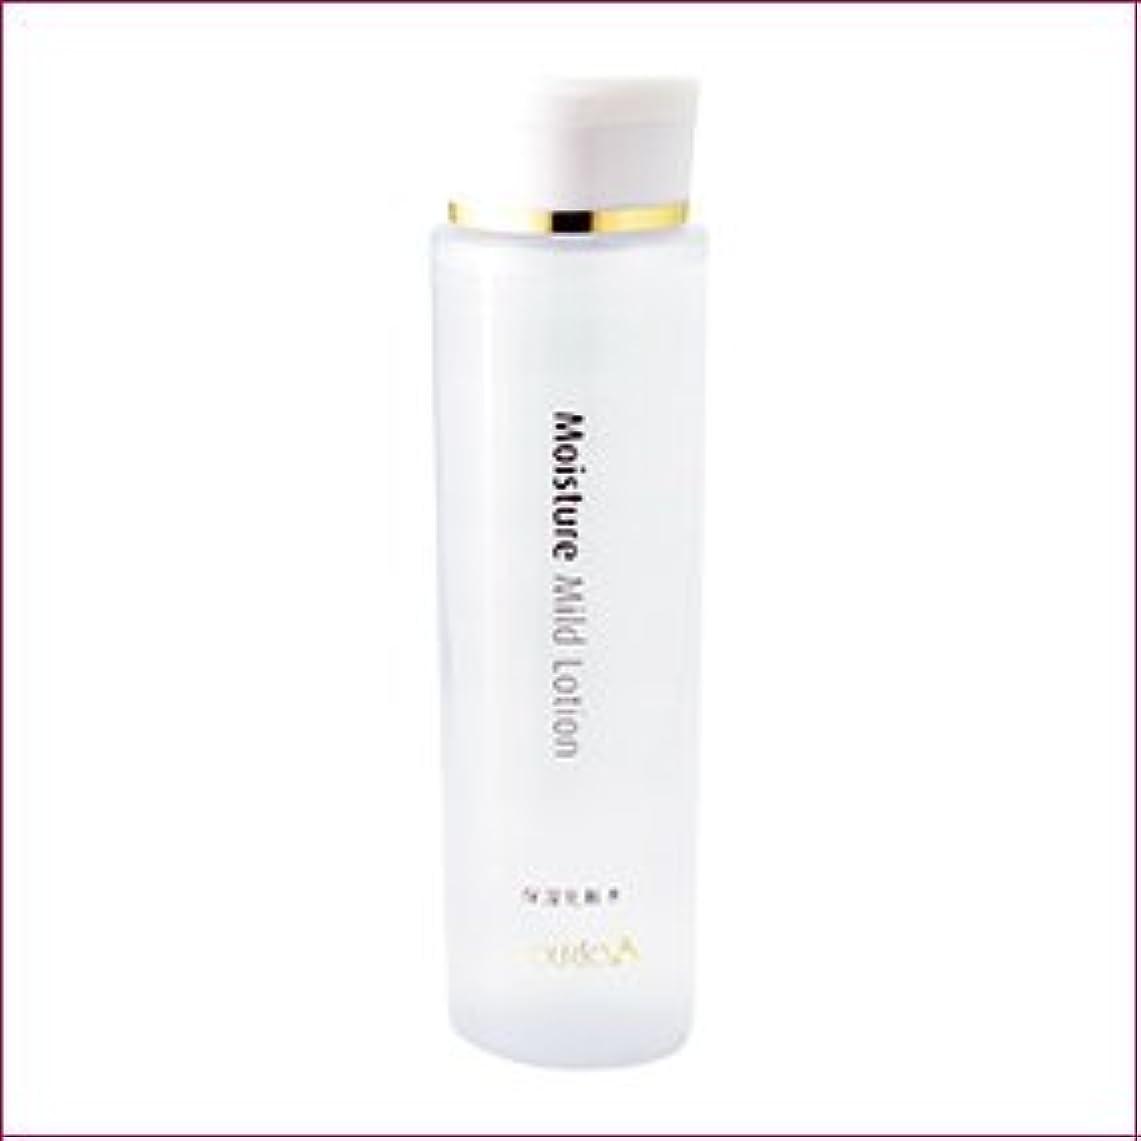 ポルトA 超しっとりタイプ モイスチャー保湿化粧水 R